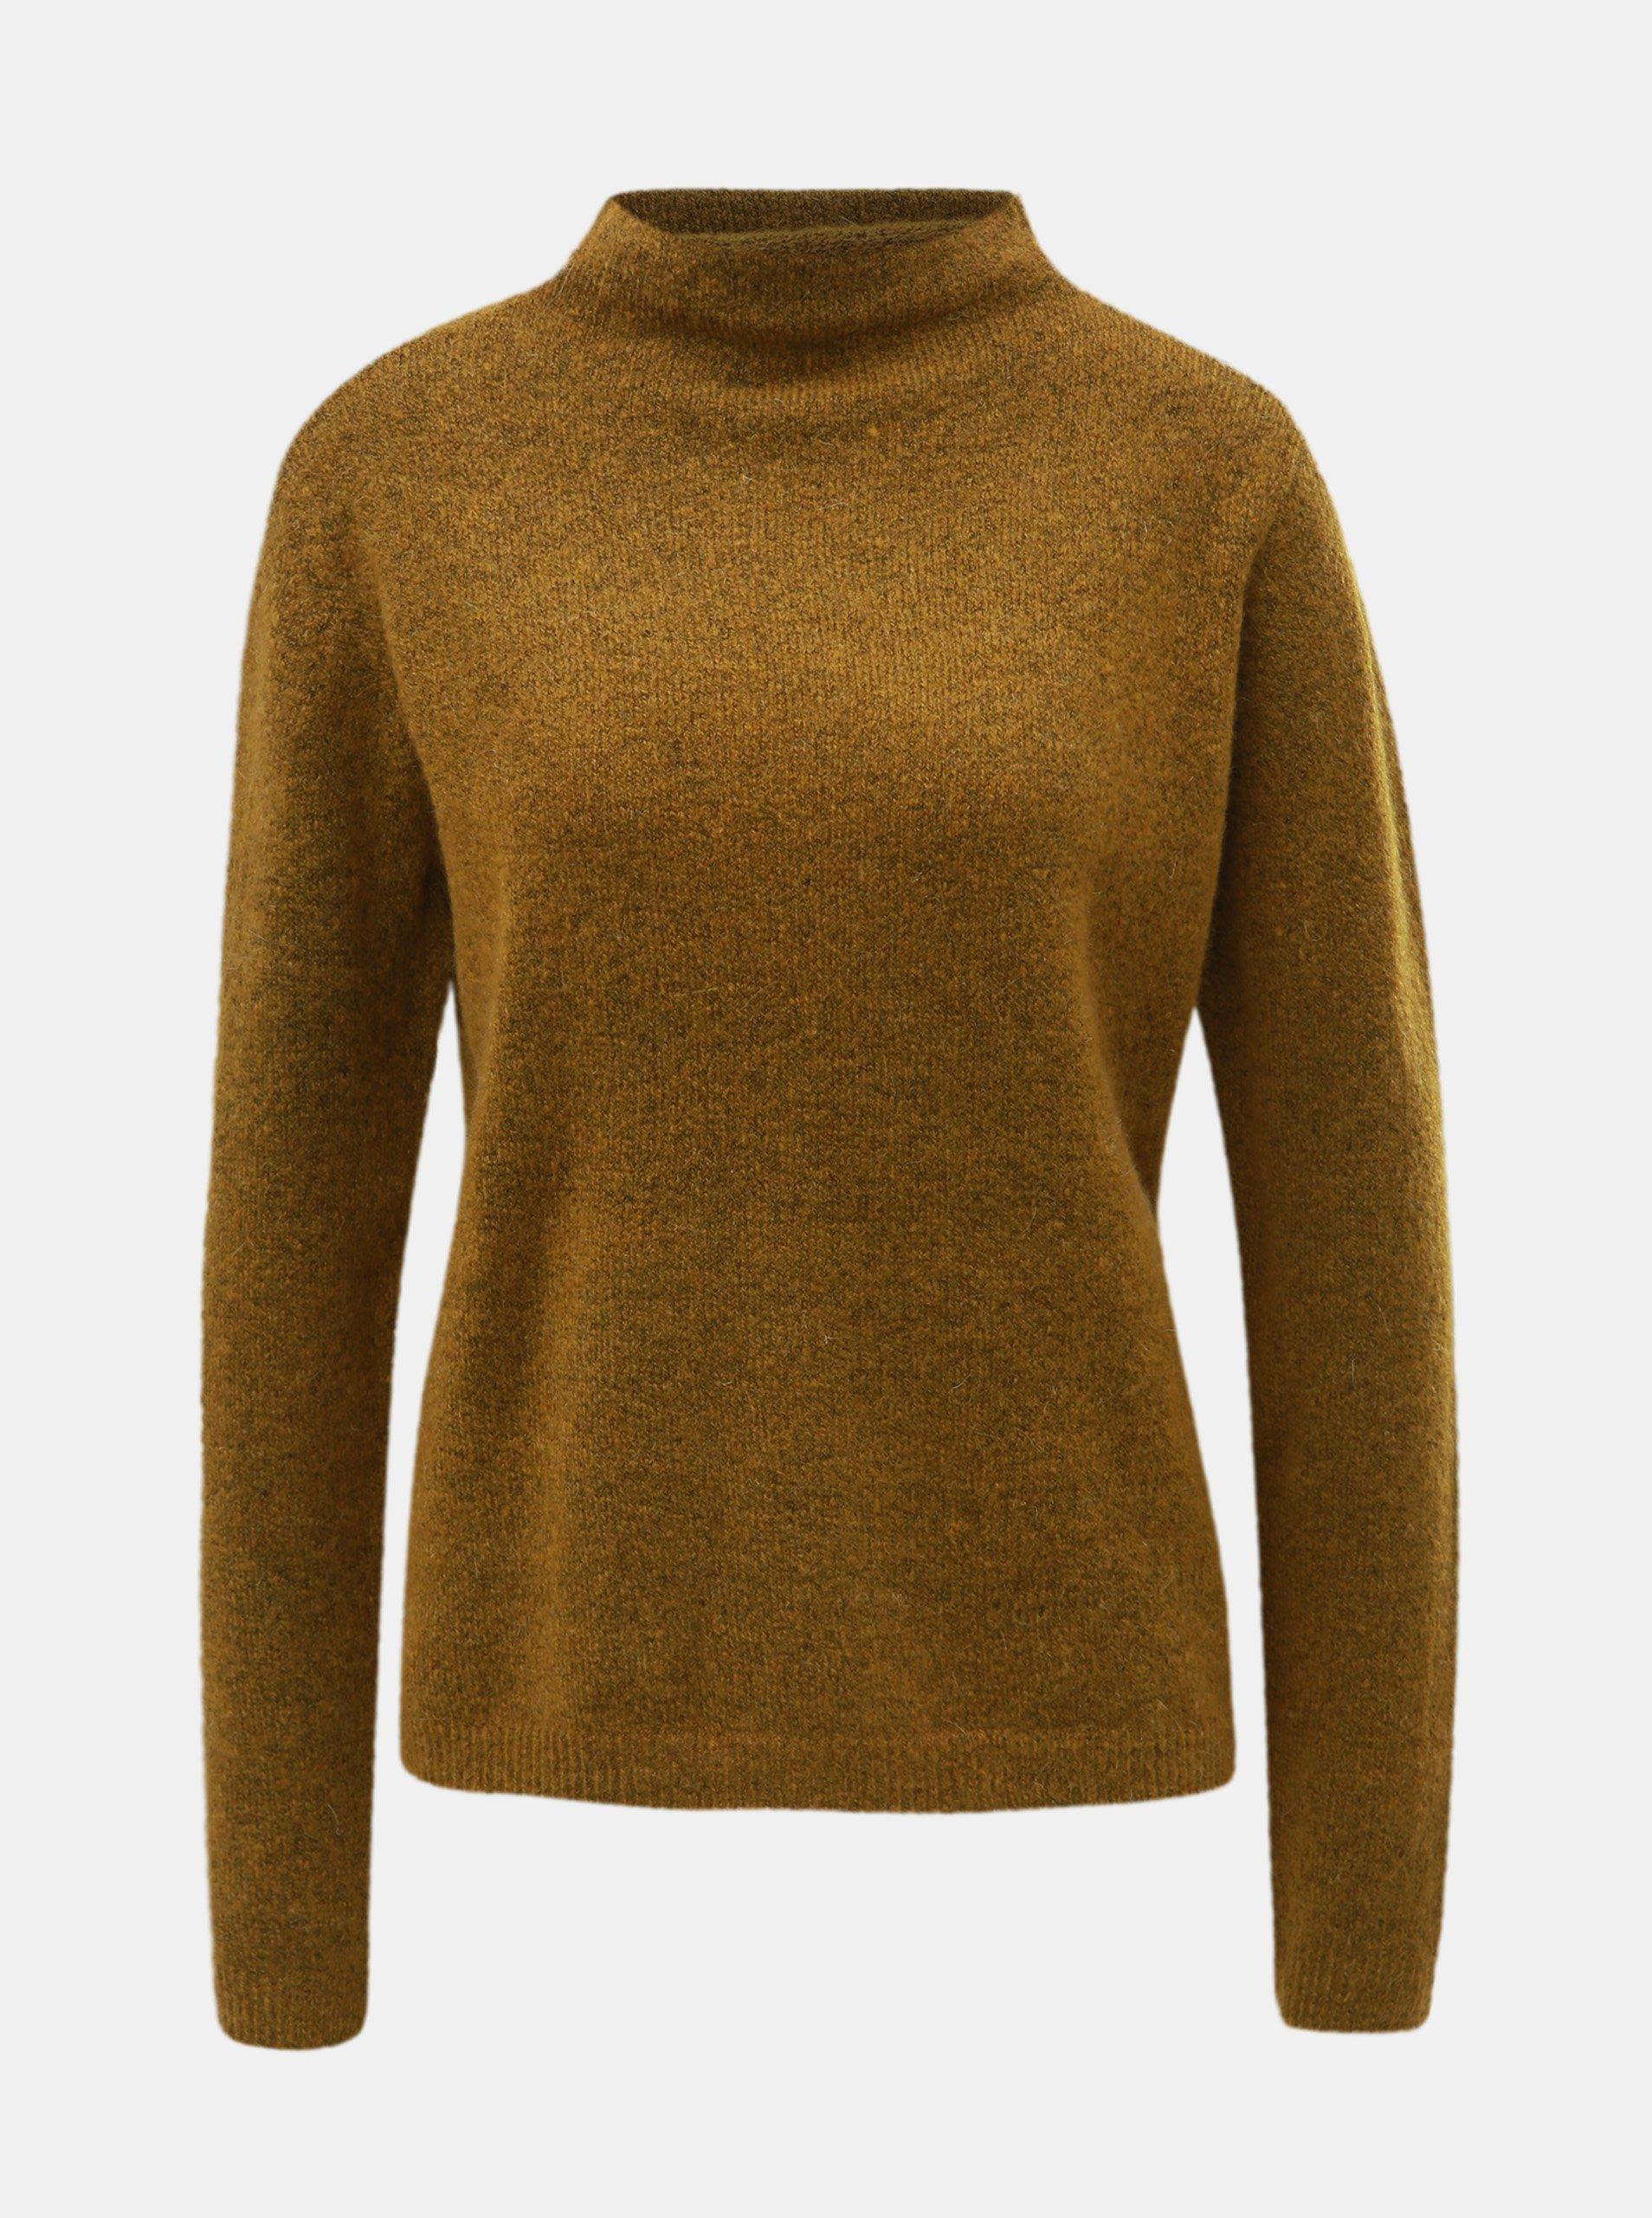 Hnědý svetr se stojáčkem a příměsí vlny Jacqueline de Yong Roberta